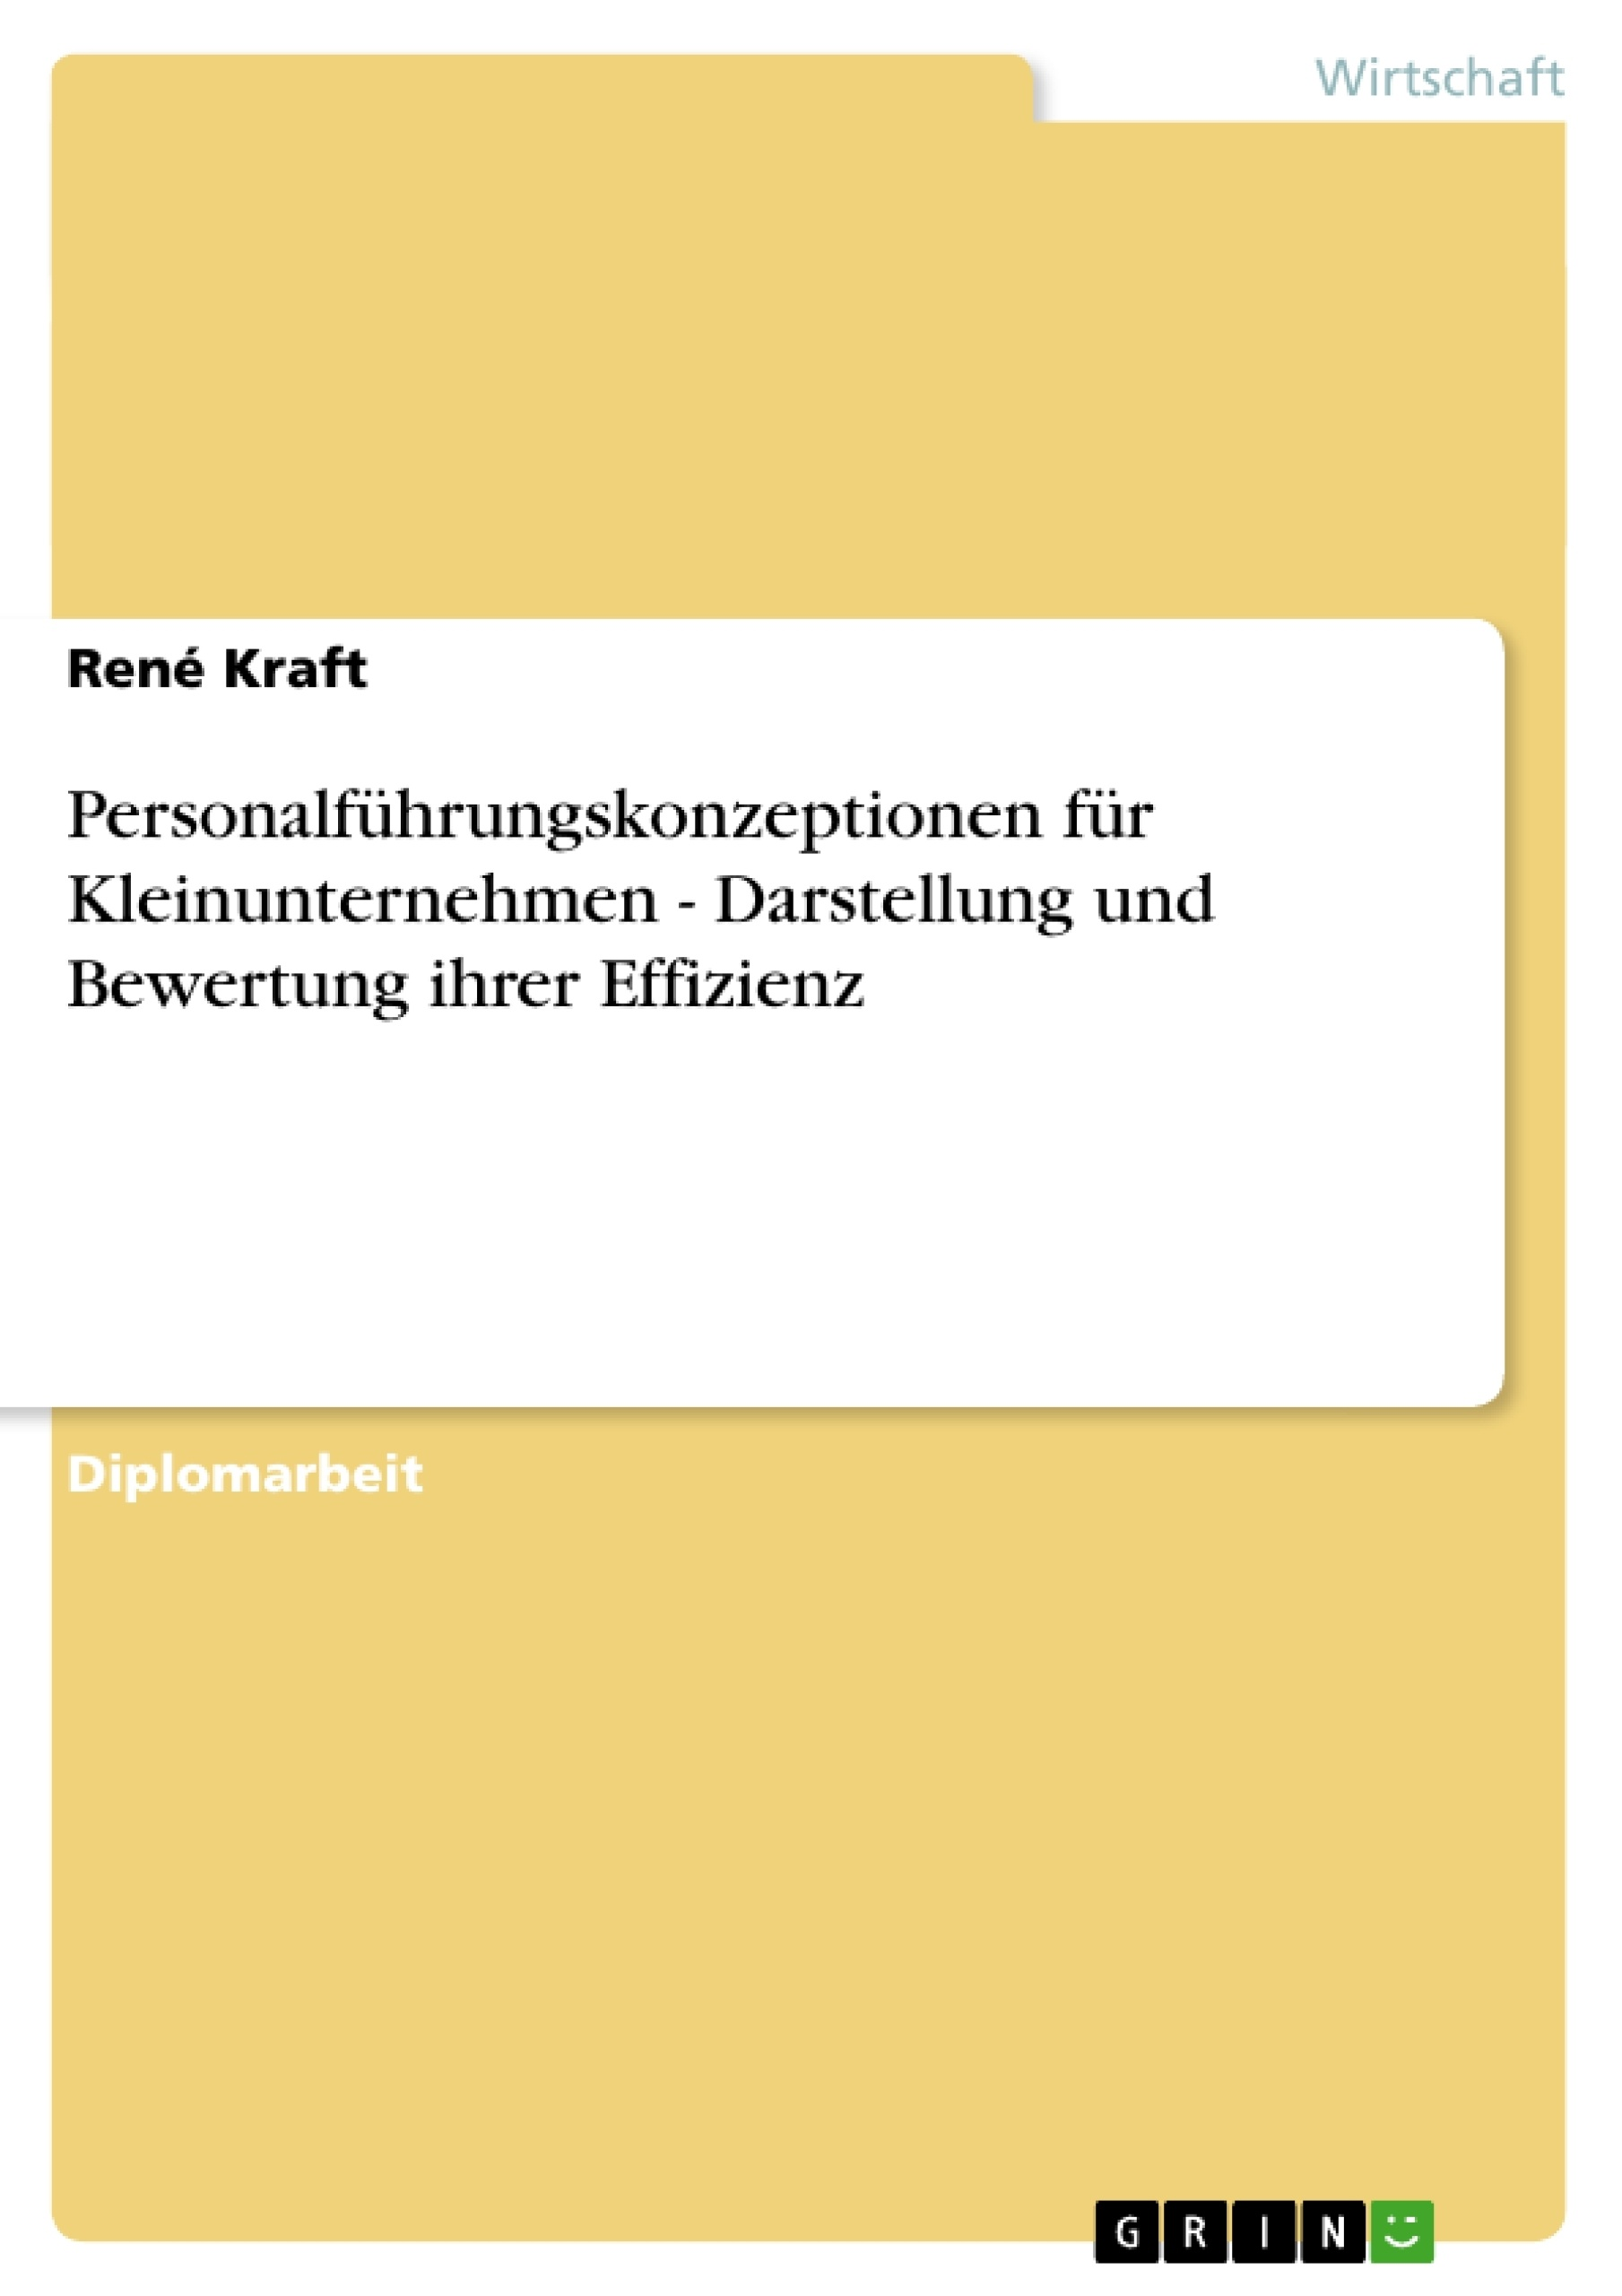 Titel: Personalführungskonzeptionen für Kleinunternehmen - Darstellung und Bewertung ihrer Effizienz